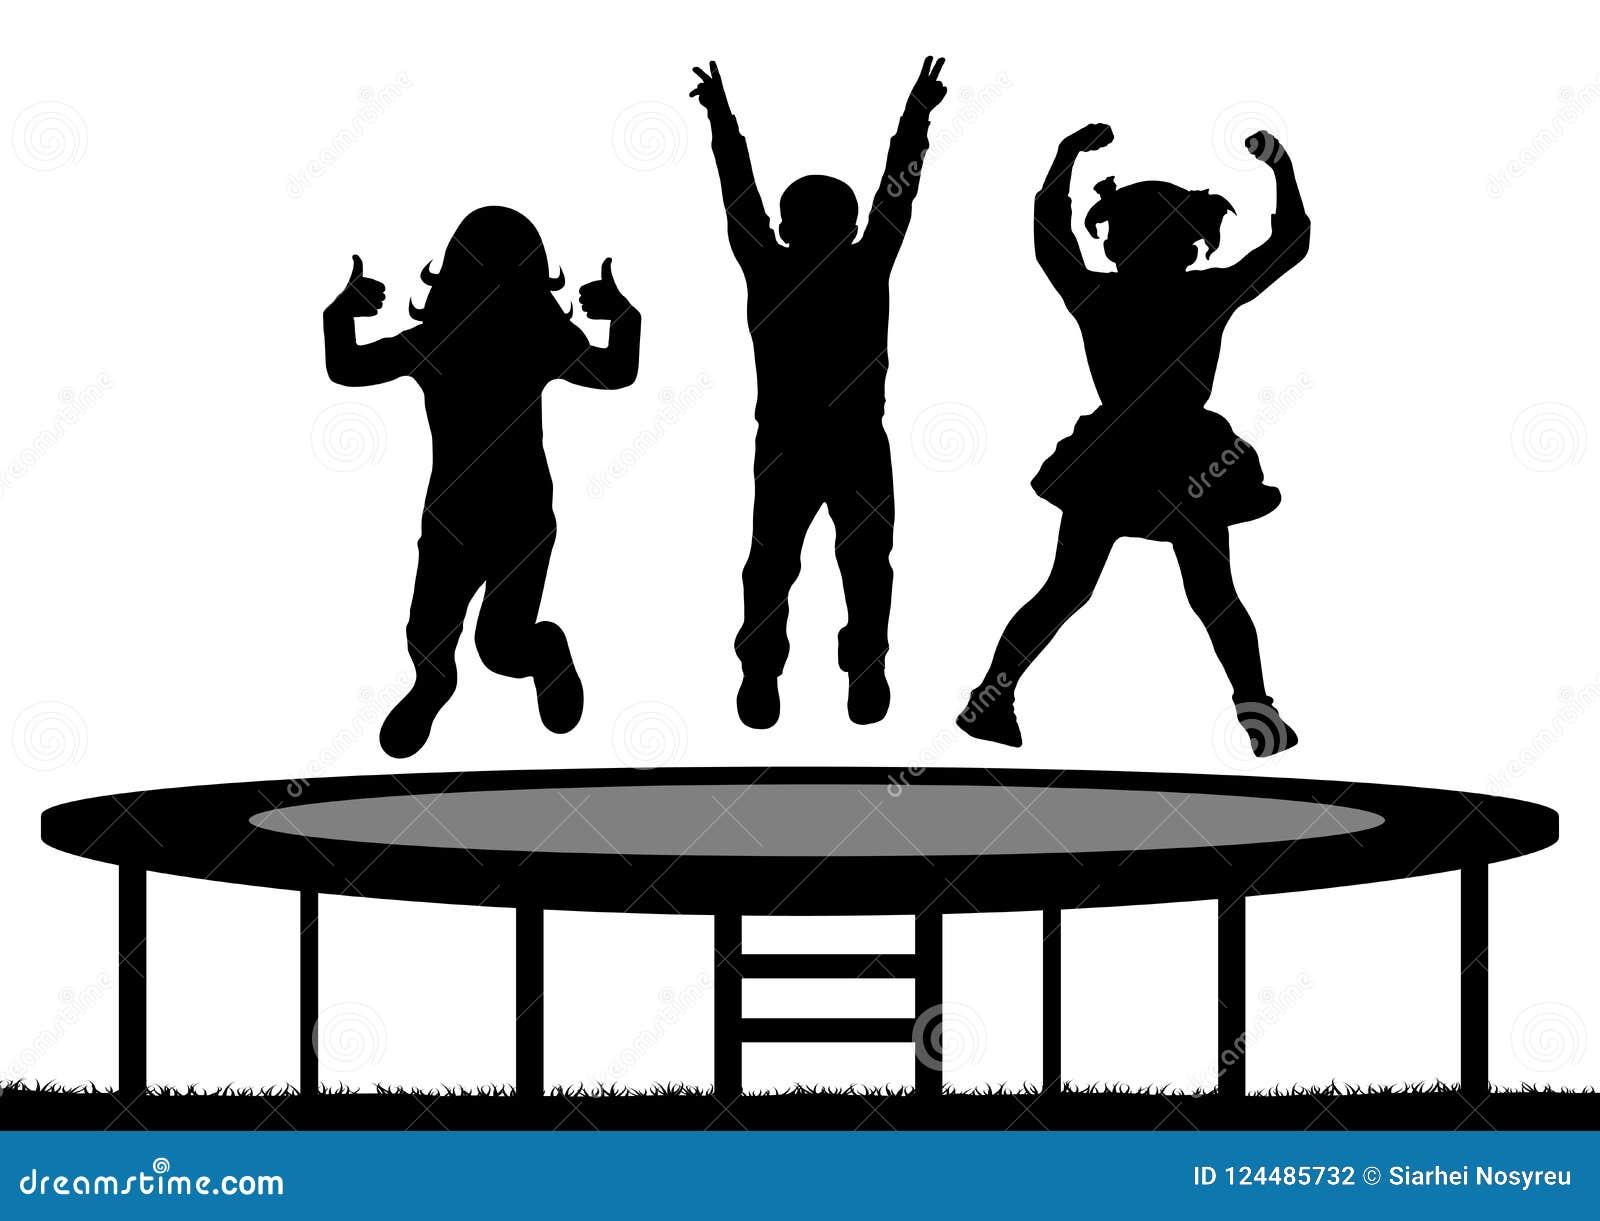 I bambini che saltano sul trampolino, siluetta, vettore